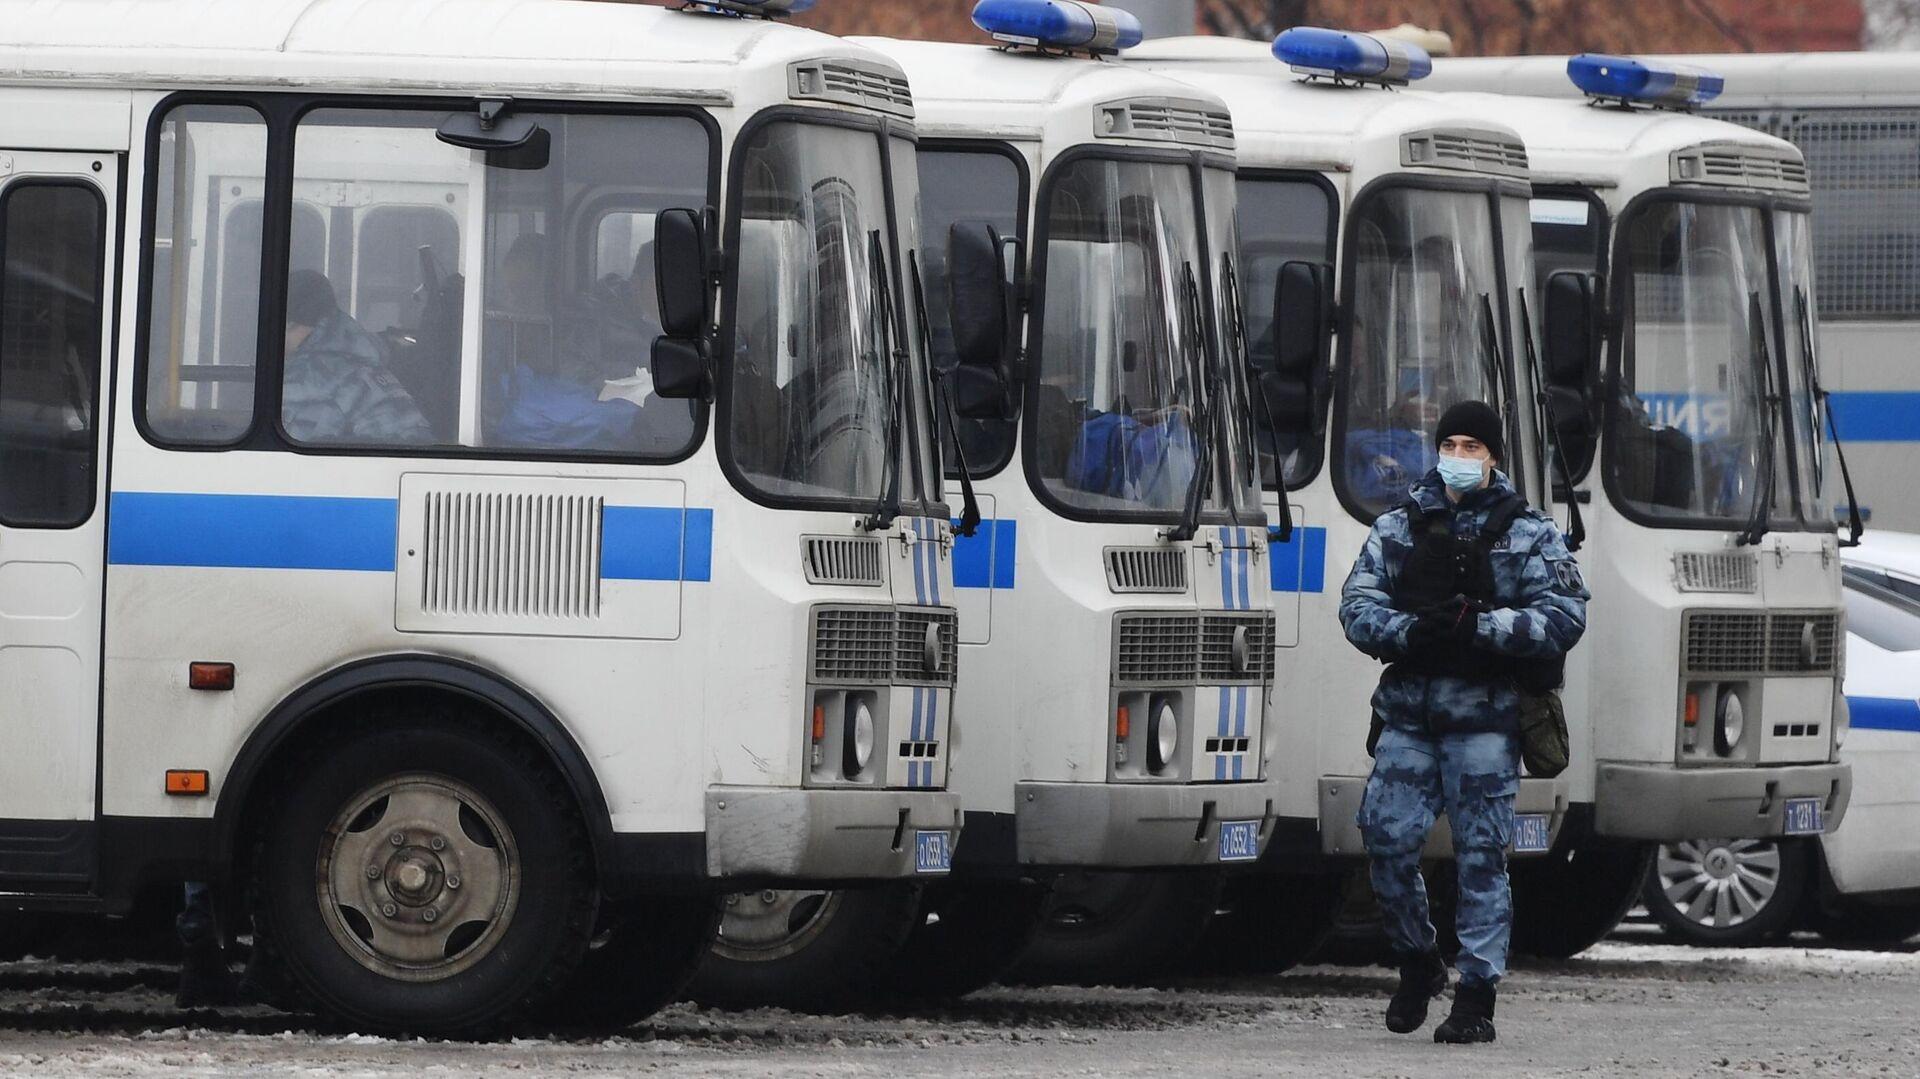 Автобусы с сотрудниками полиции перед началом несанкционированной акции сторонников Алексея Навального - РИА Новости, 1920, 28.01.2021